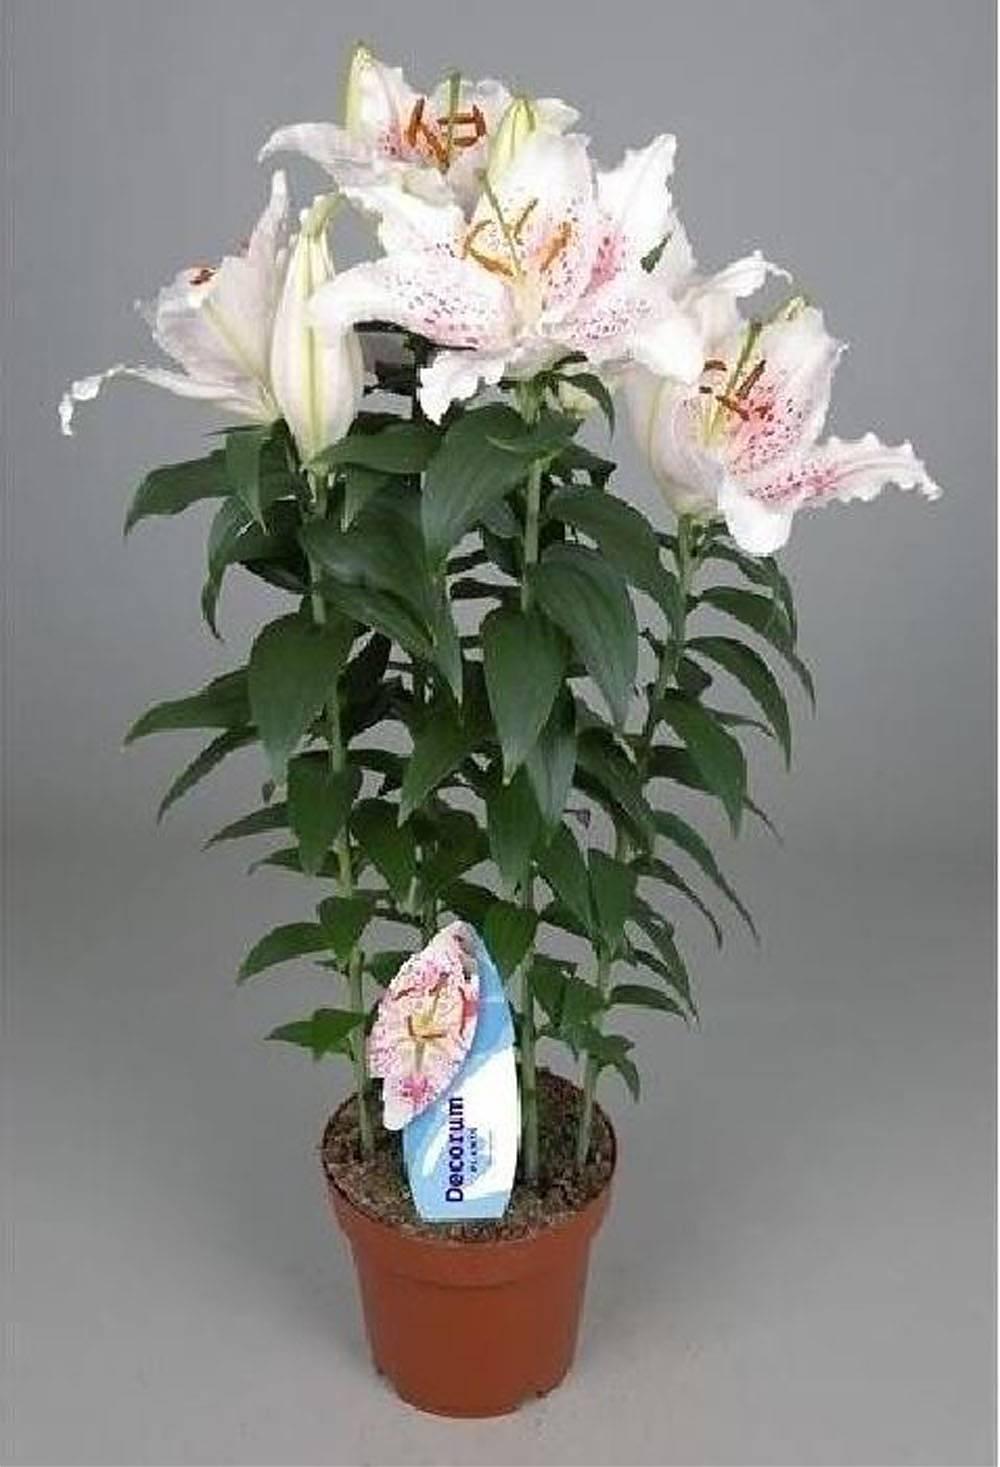 Комнатные цветы гузмания: уход в домашних условиях с фото 1